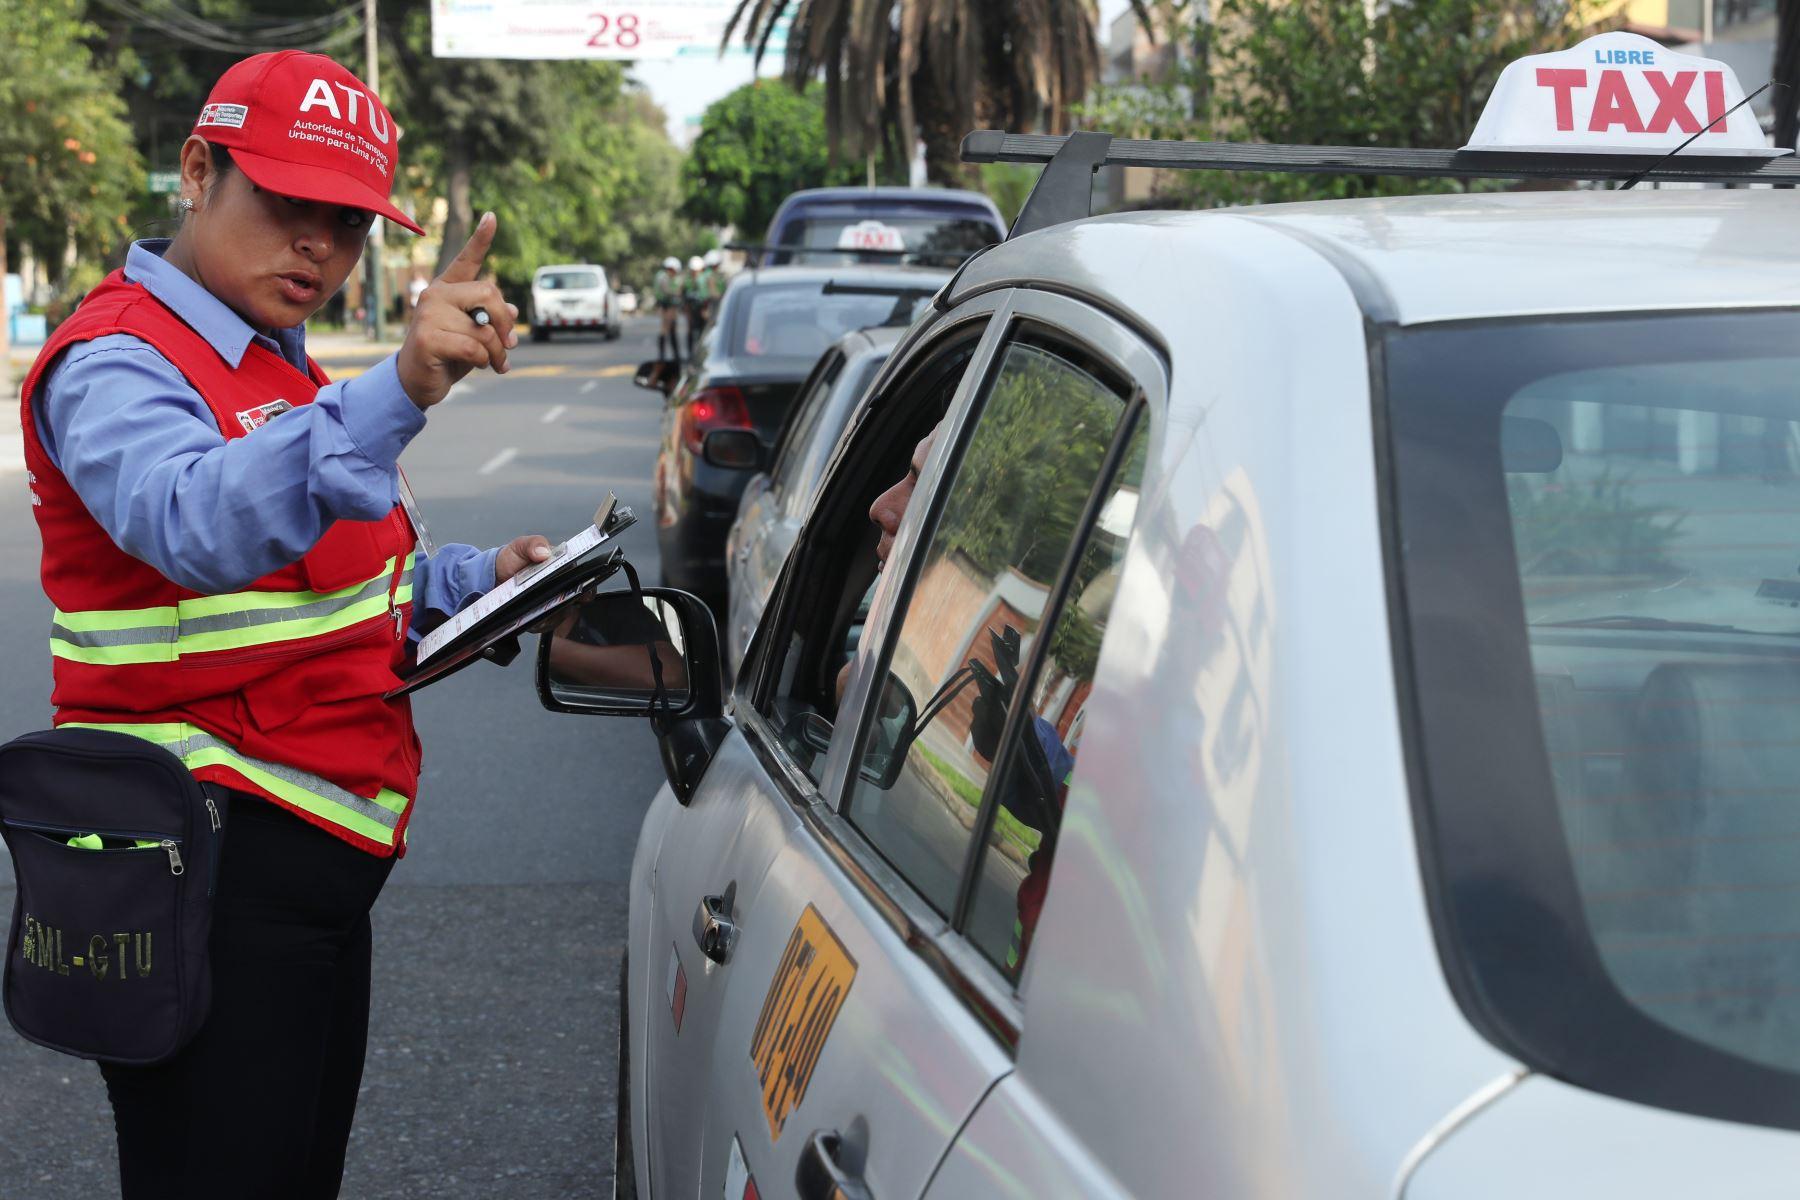 Operativo conjunto de la PNP y el ATU (Autoridad de Transporte Urbano) contra autos colectivos, una modalidad no autorizada de transporte. Foto: ANDINA/Melina Mejía